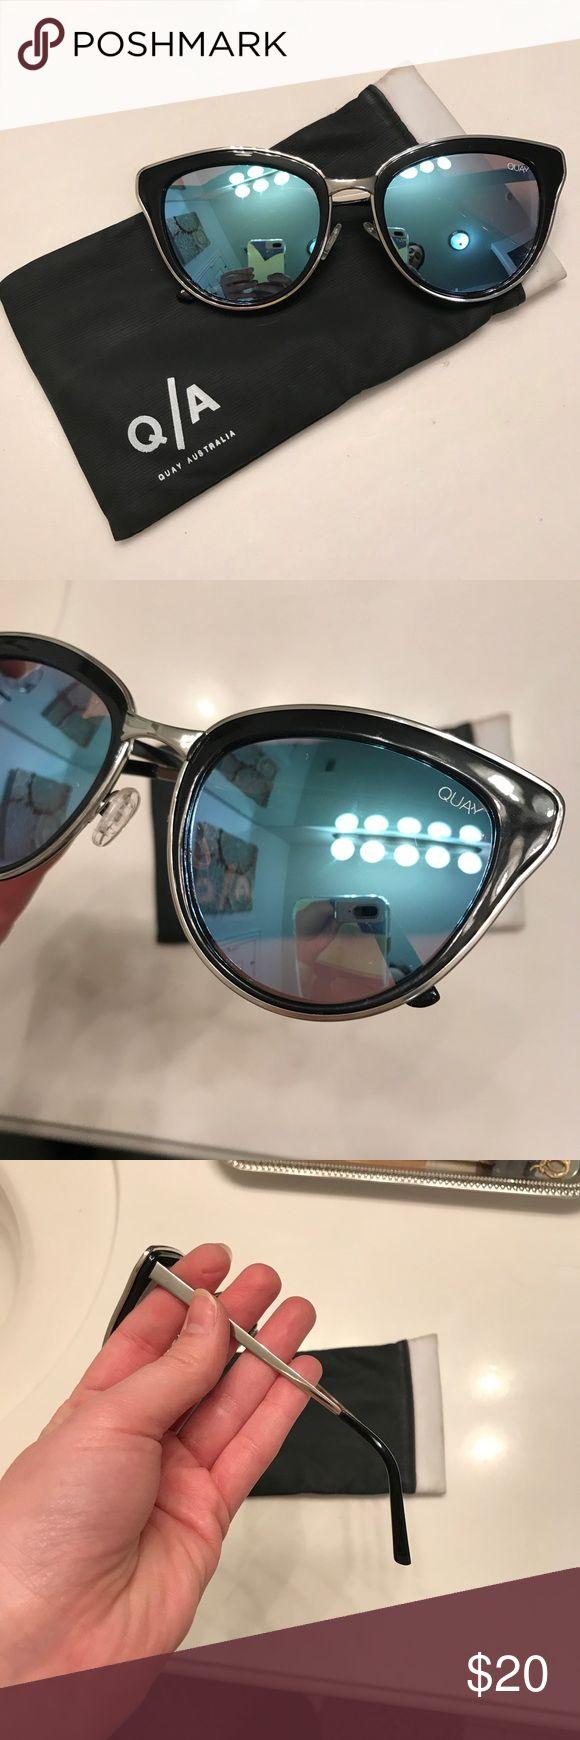 Quay Australia Sunglasses Like new, no scratches. Perfect condition. Quay Australia Accessories Glasses